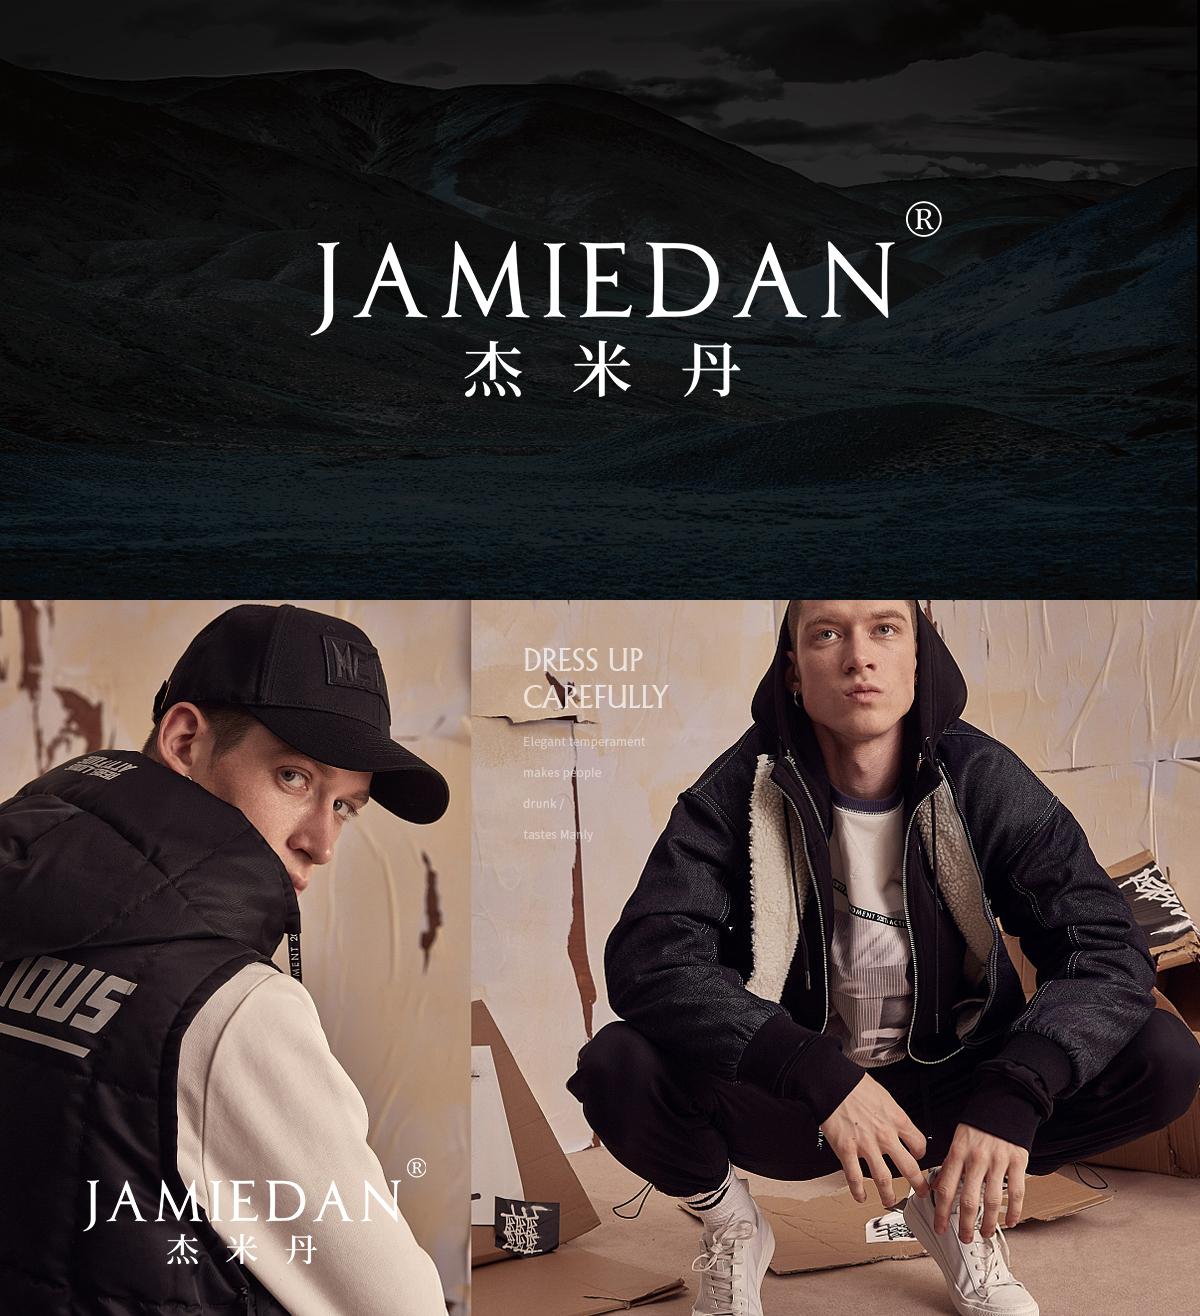 杰米丹 JAMIEDAN